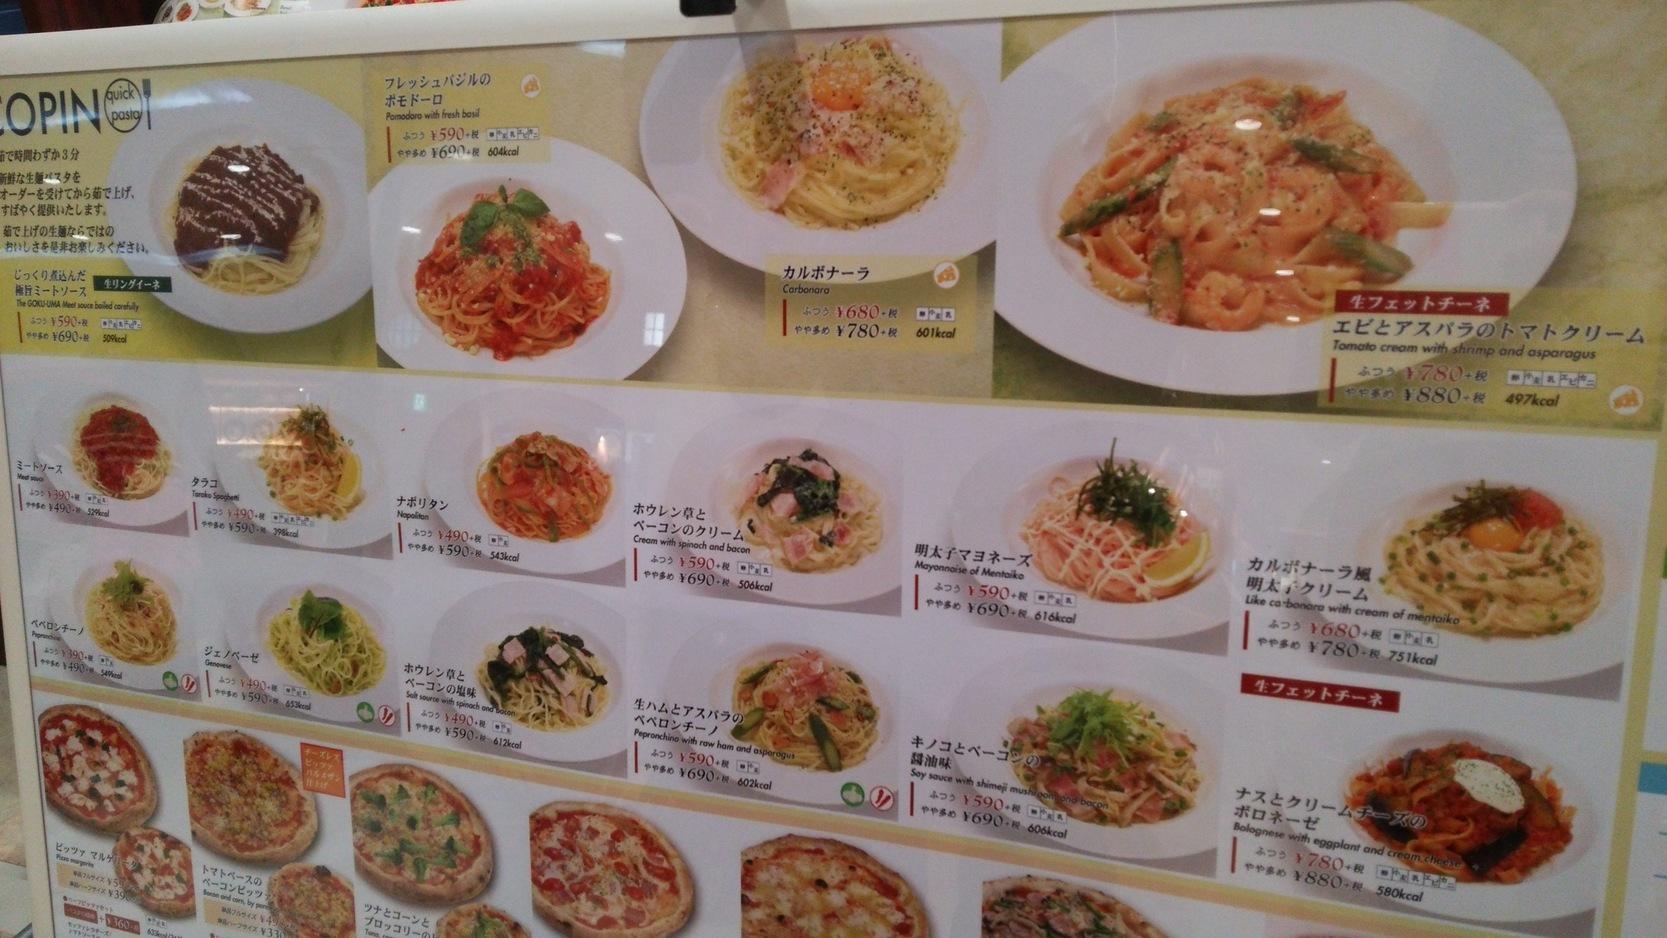 クイック パスタ コパン イオンモール北戸田店